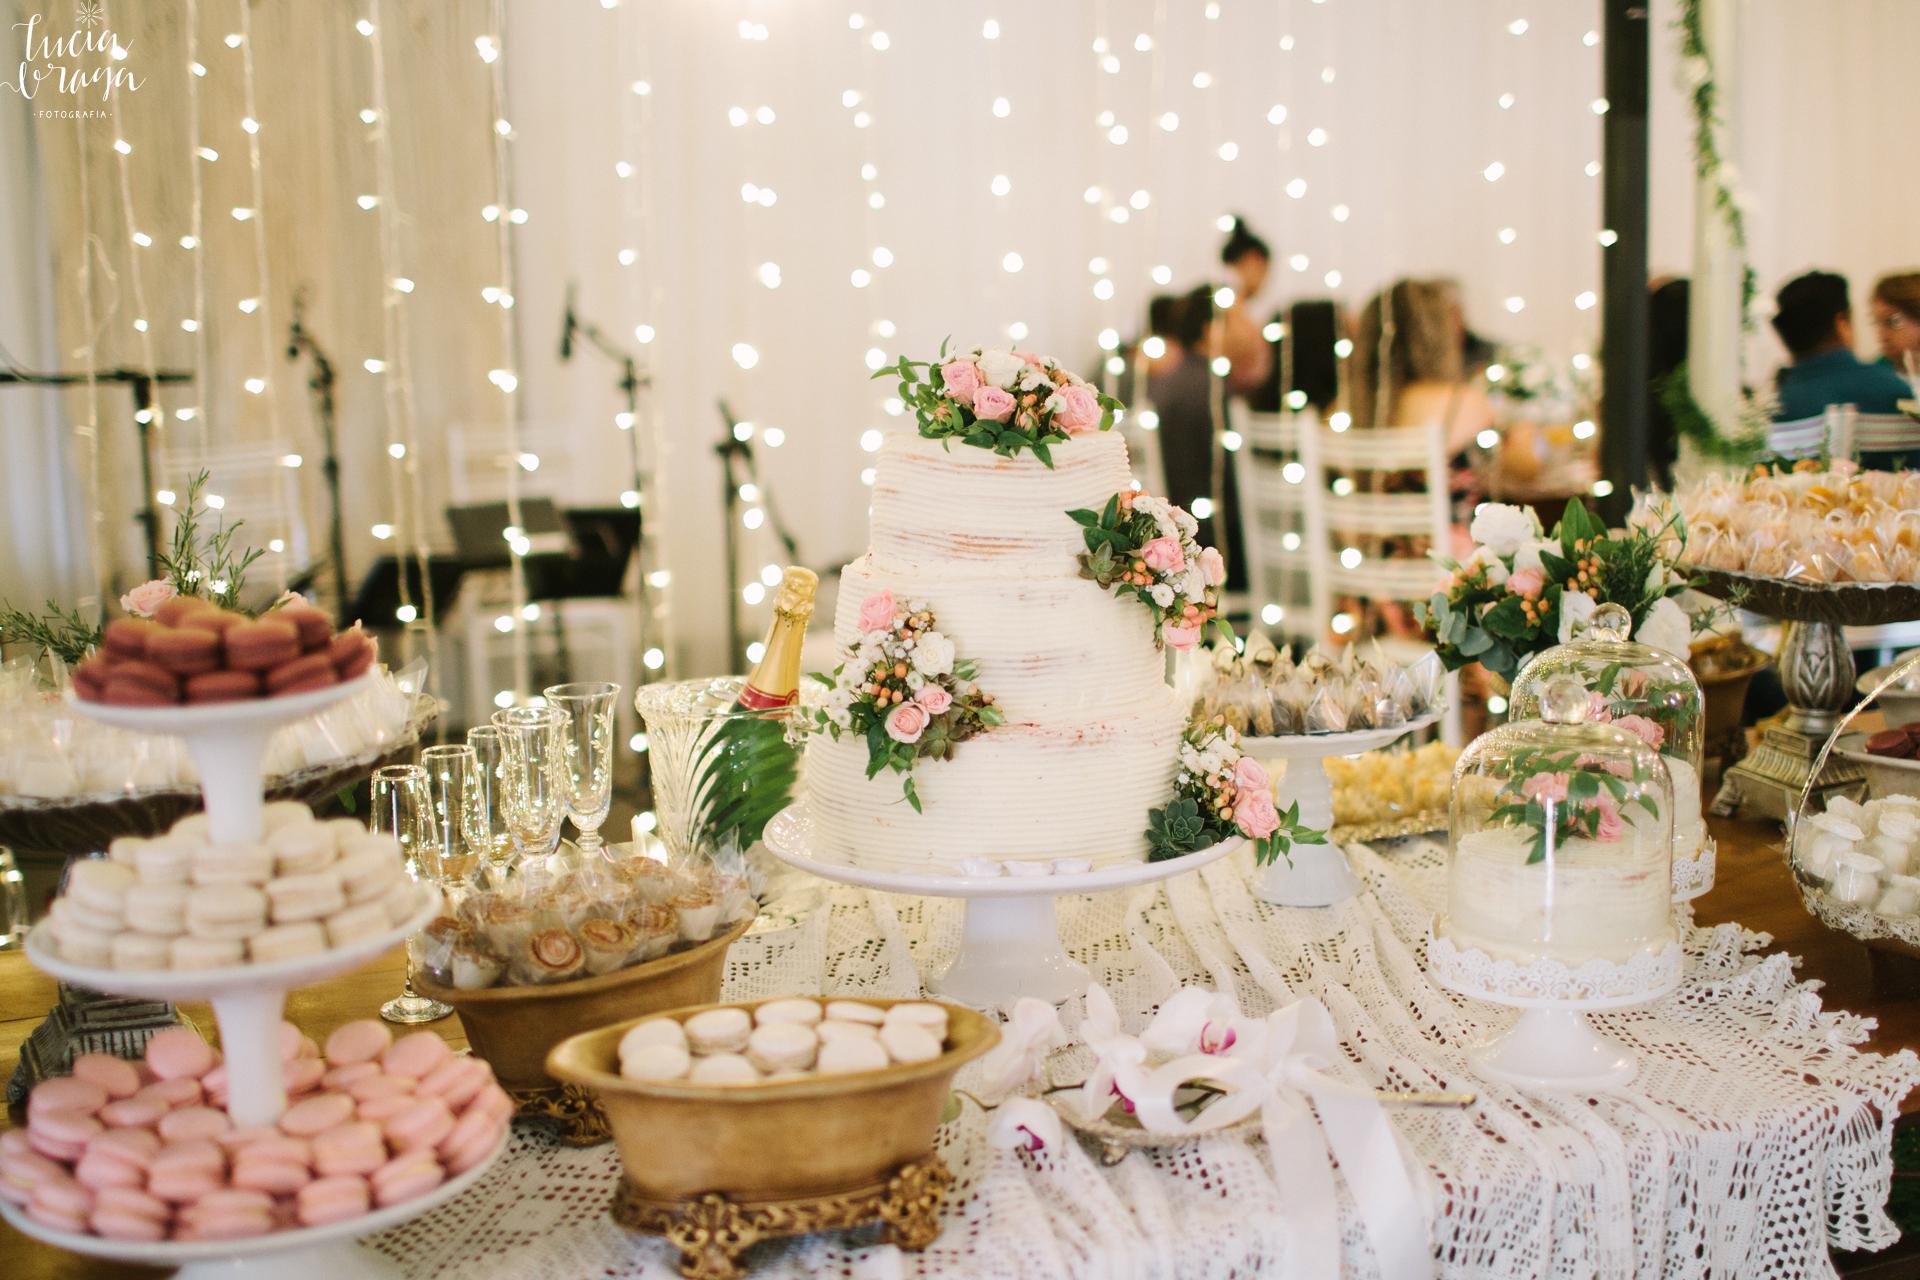 casamento campanha, colegio sion, capela sion, fotografo minas gerais, fotografo são paulo, fotografia de casamento, casamento de dia, mini wedding, decoração, mesa do bolo